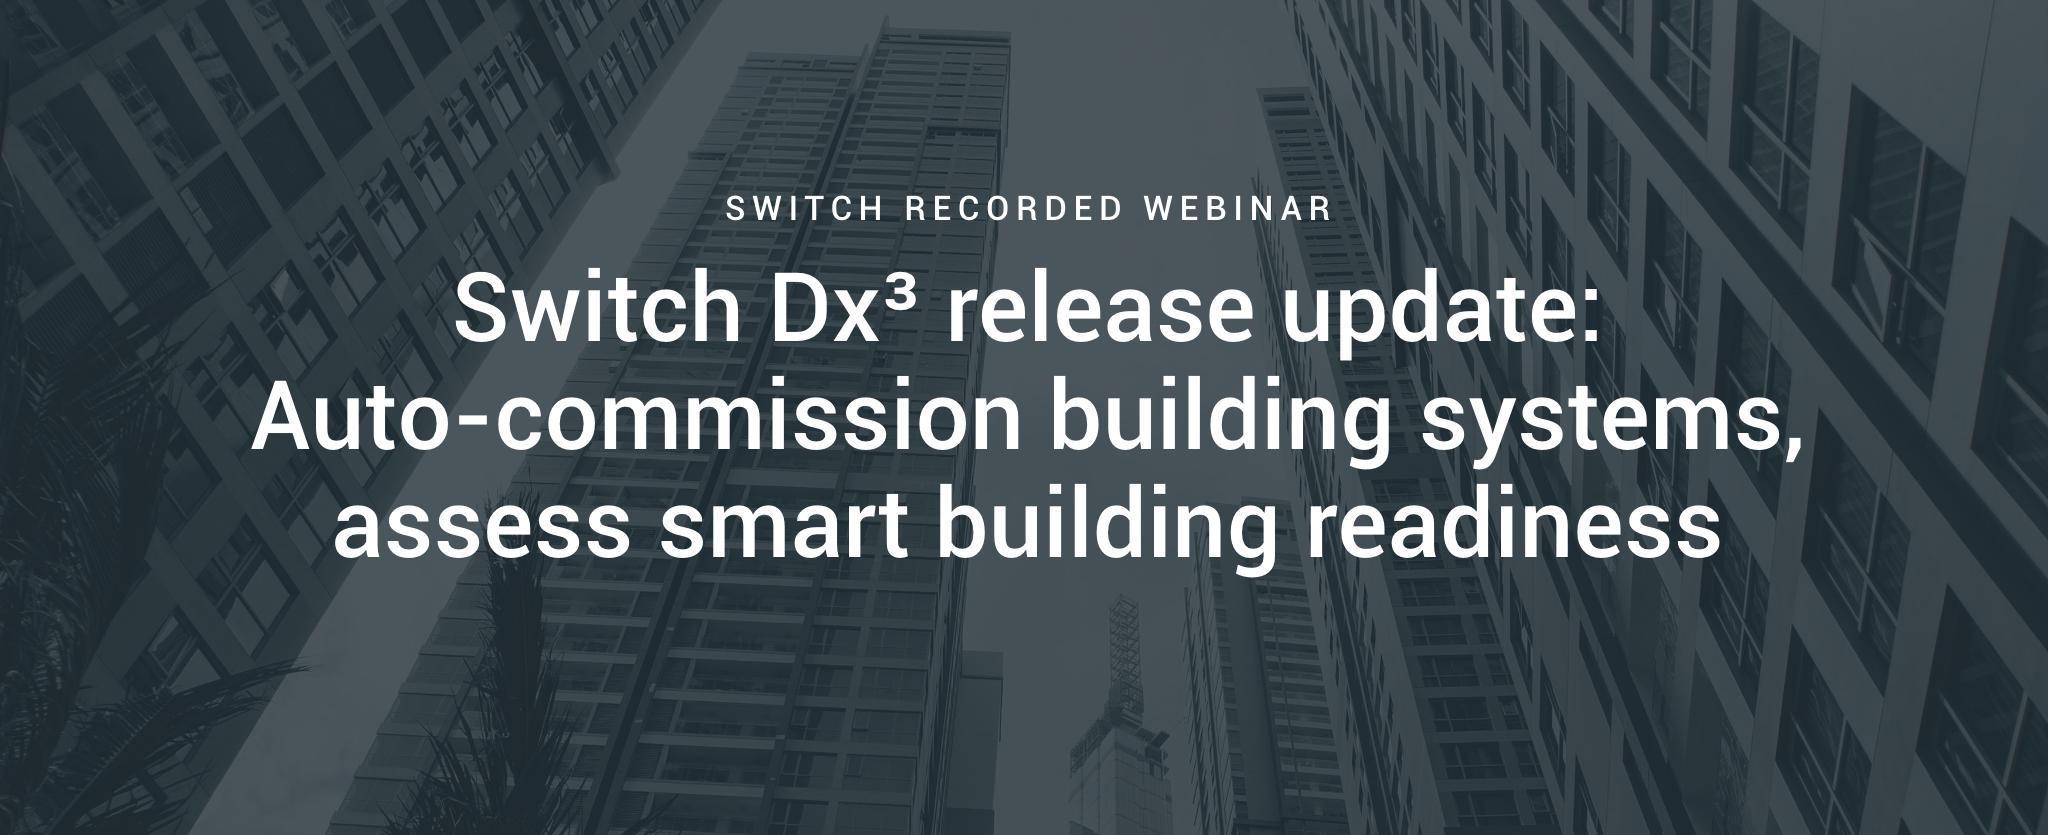 Switch Dx3 webinar TYP header